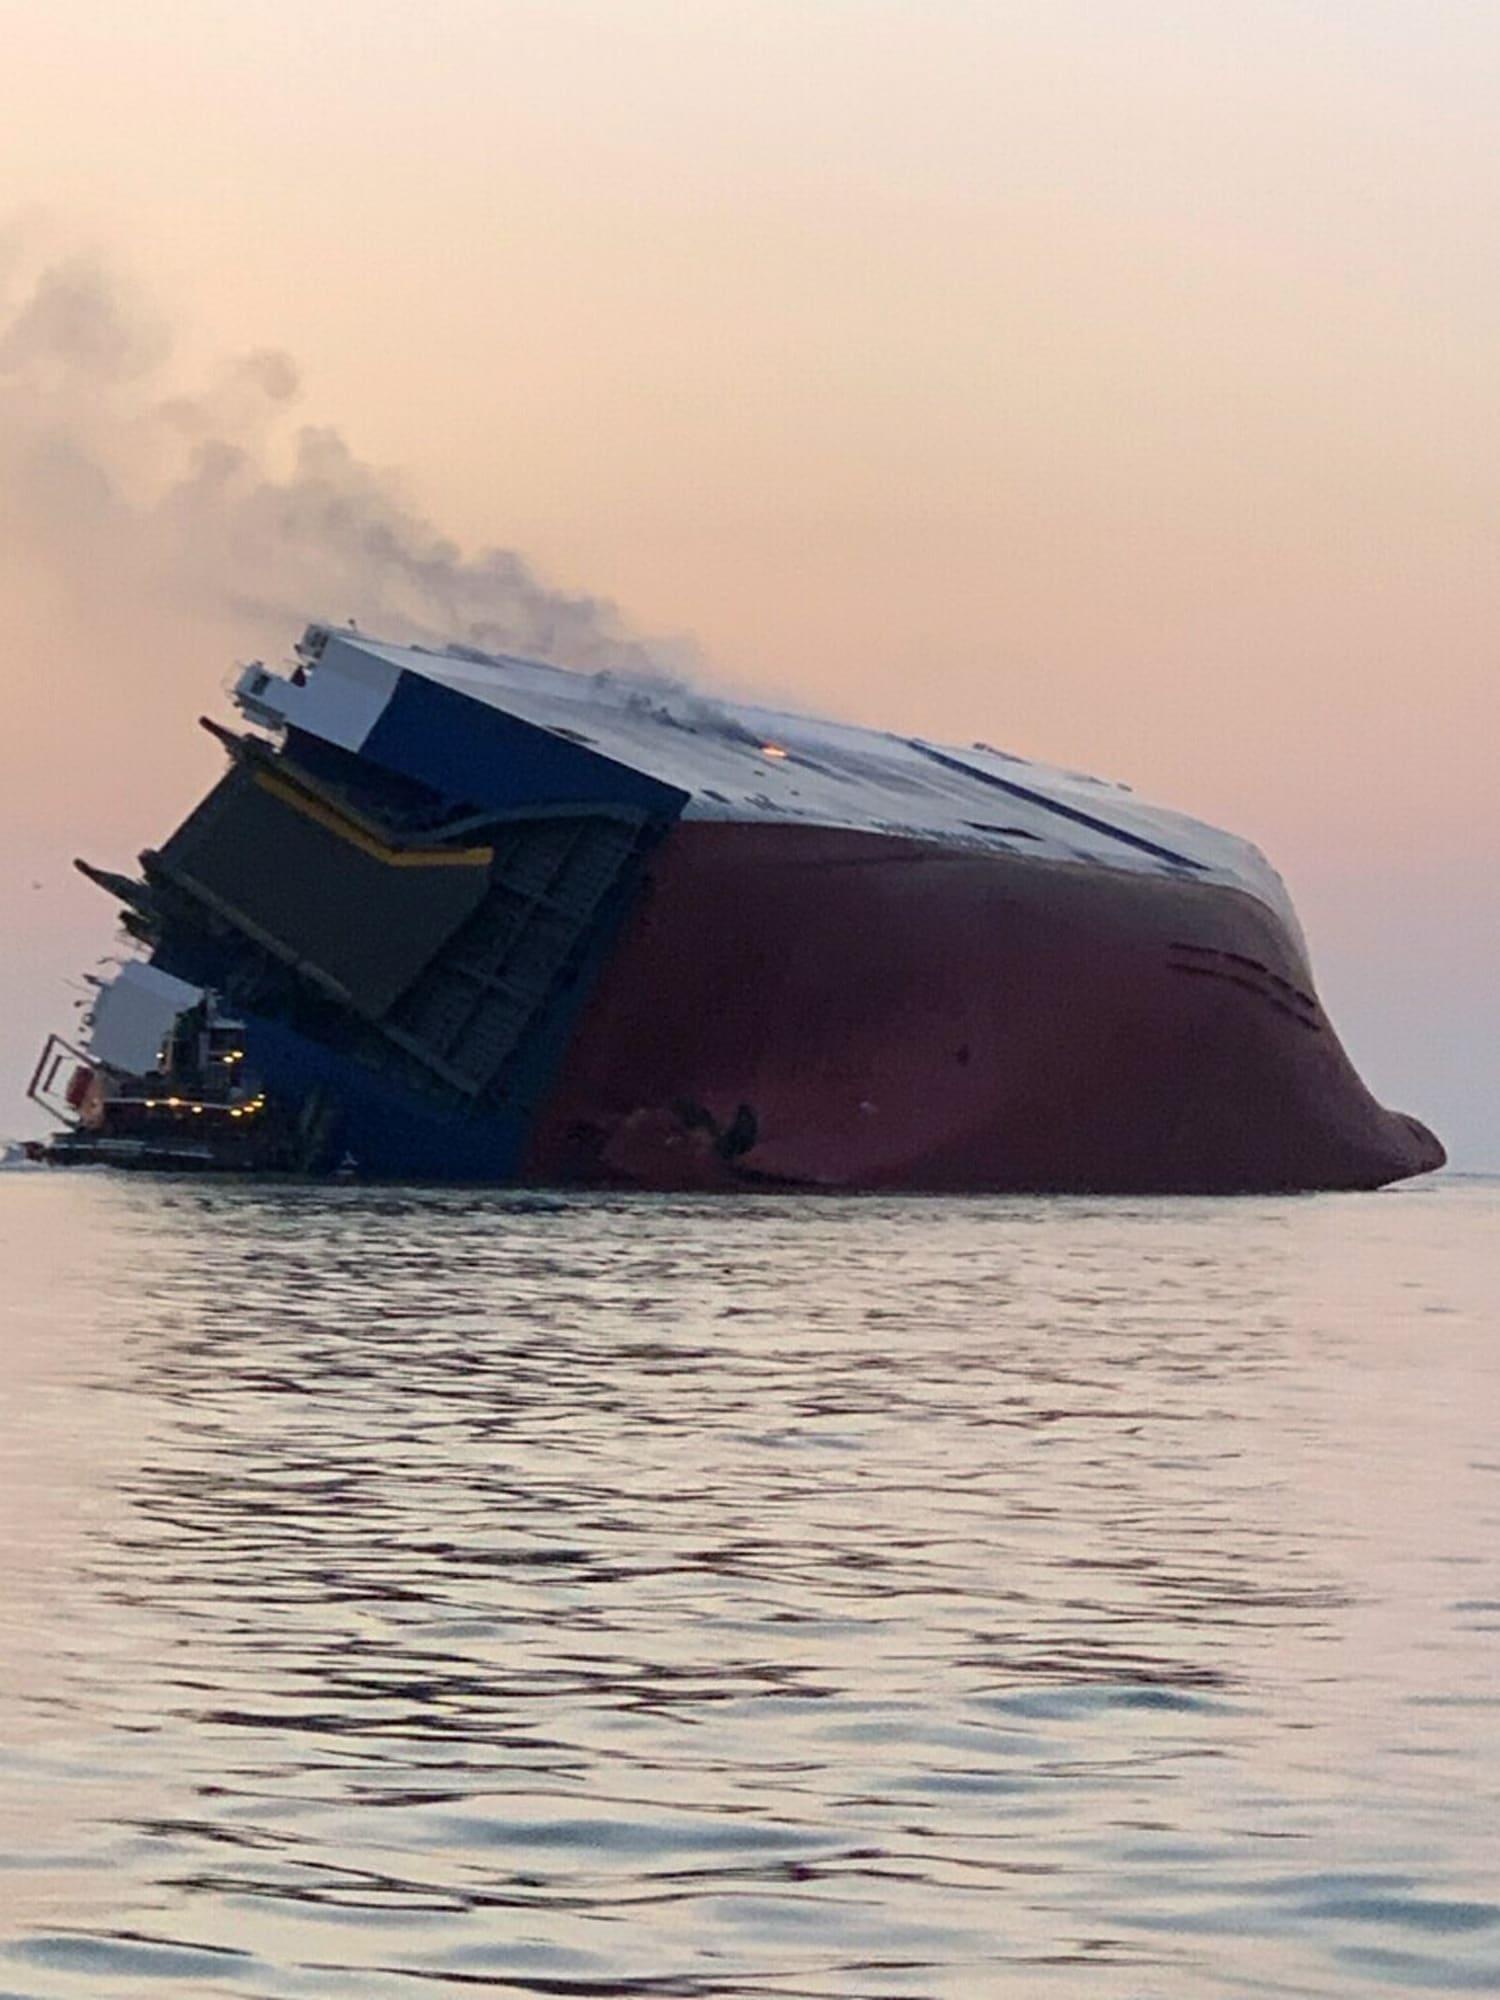 barco naufraga en Georgia